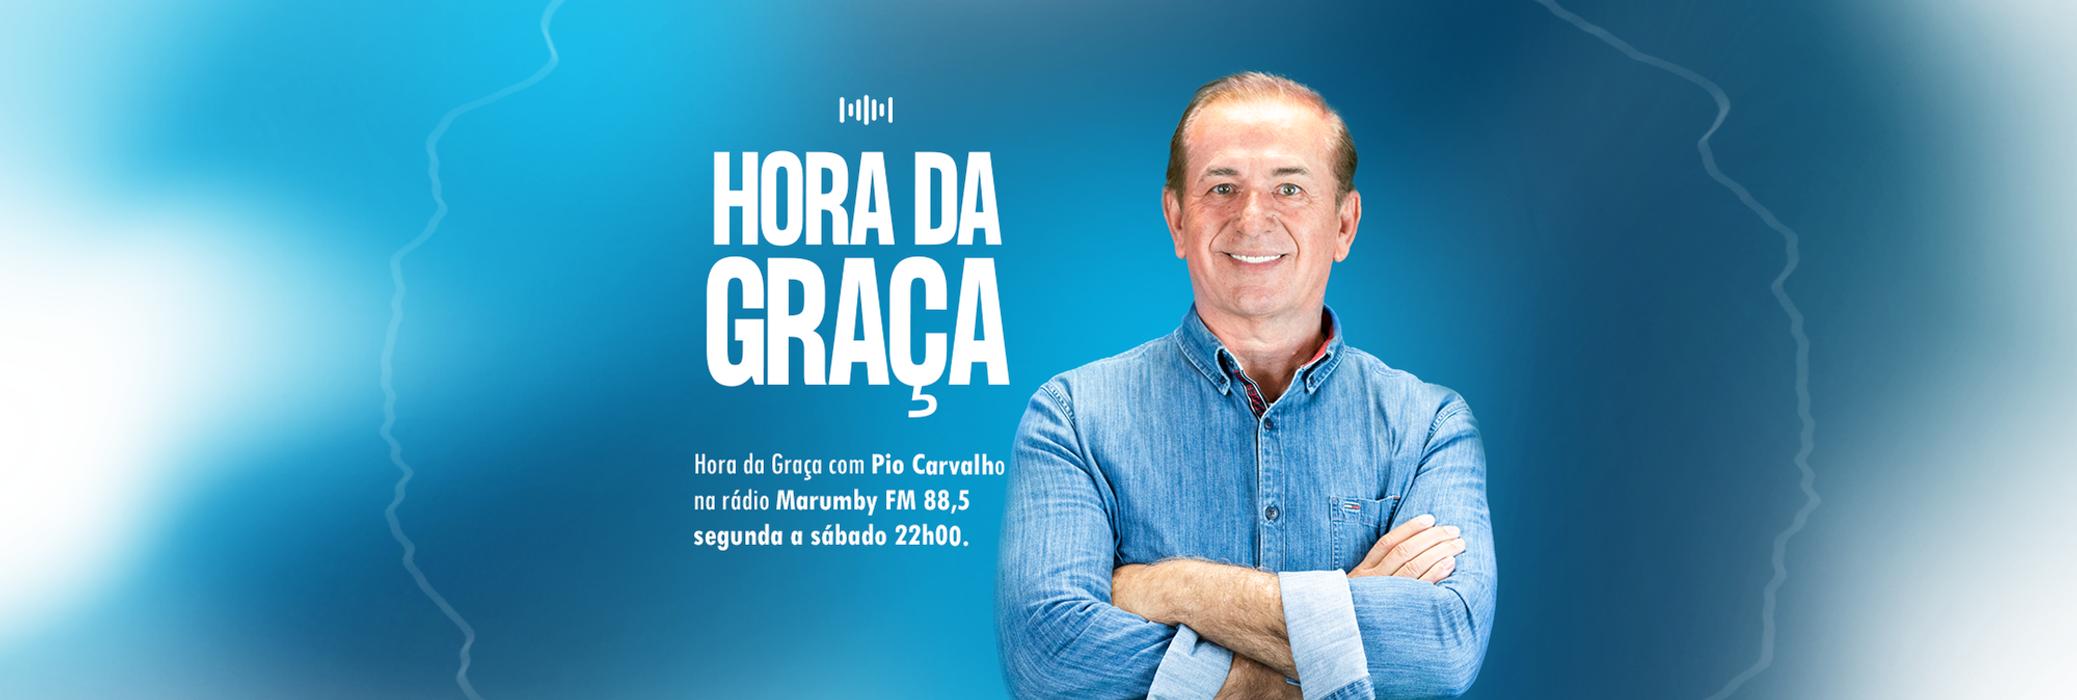 01-Banner-HoradaGraca-2021.png